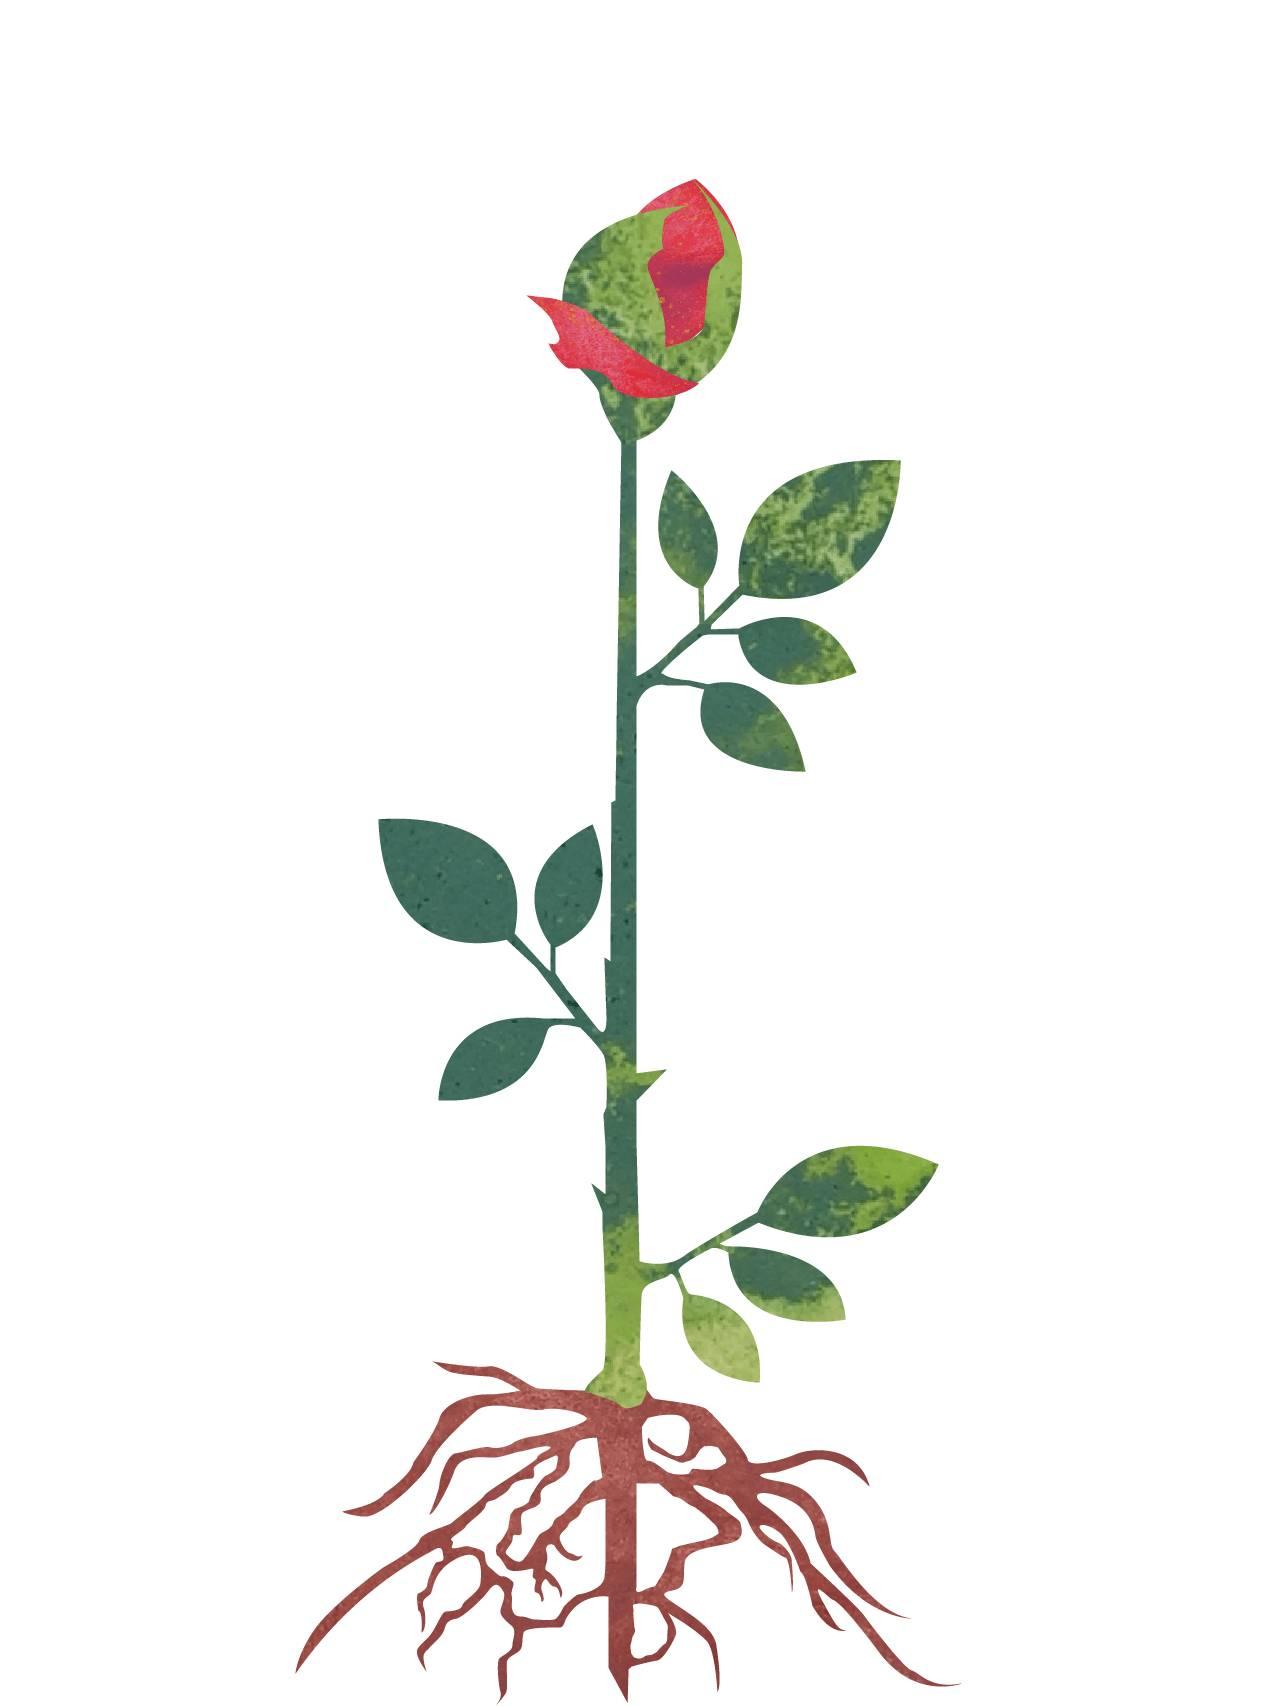 Planten har begynt å blomstre